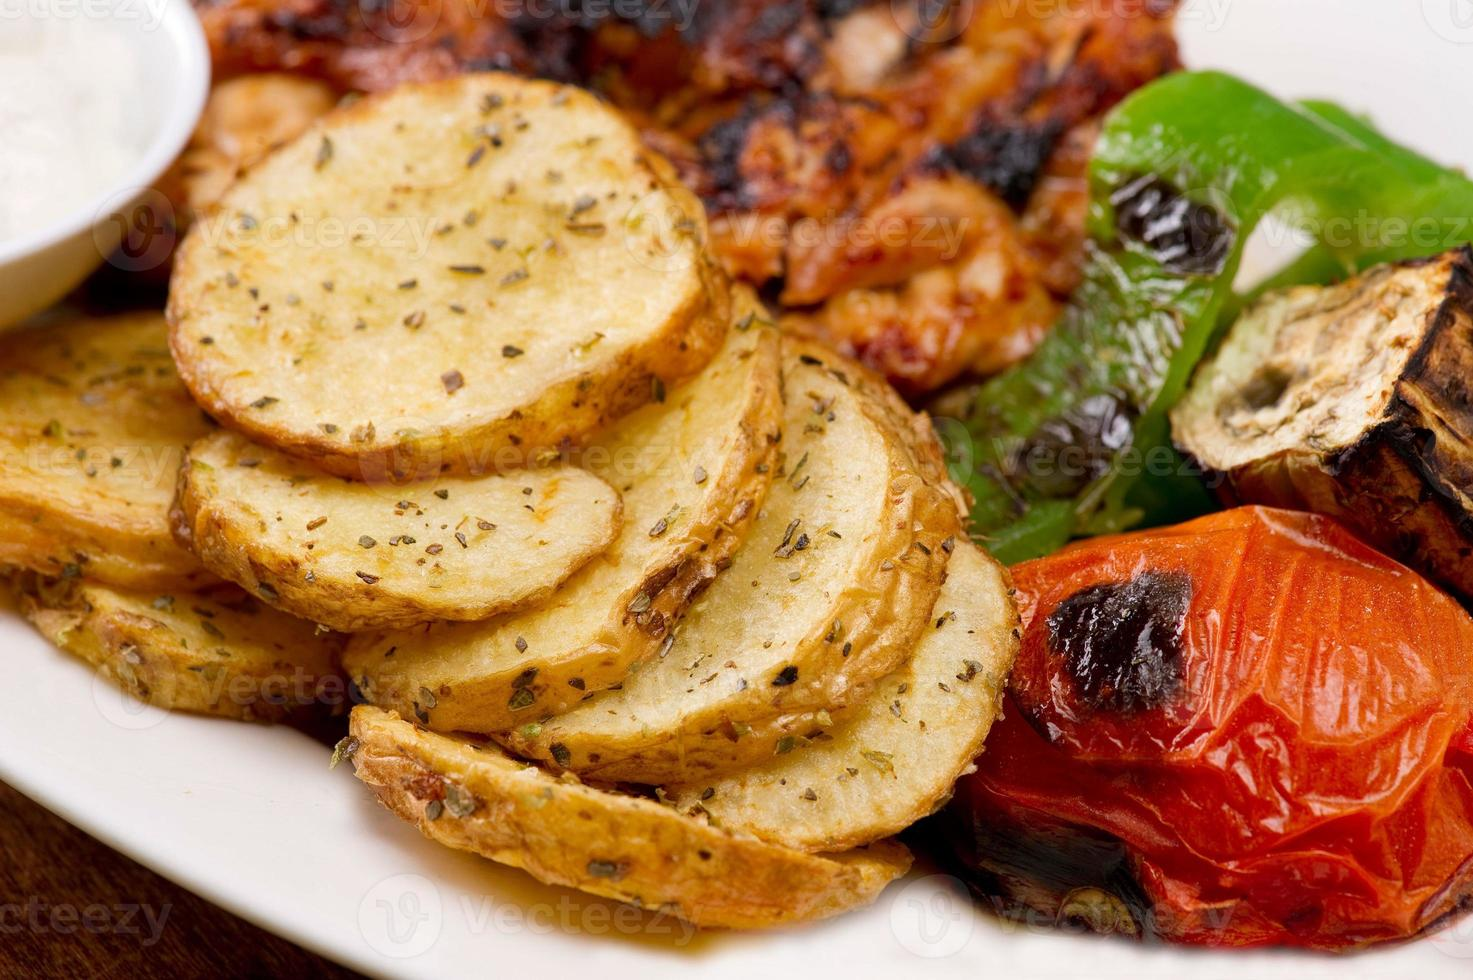 filetes de pollo a la parrilla, con papas y verduras foto